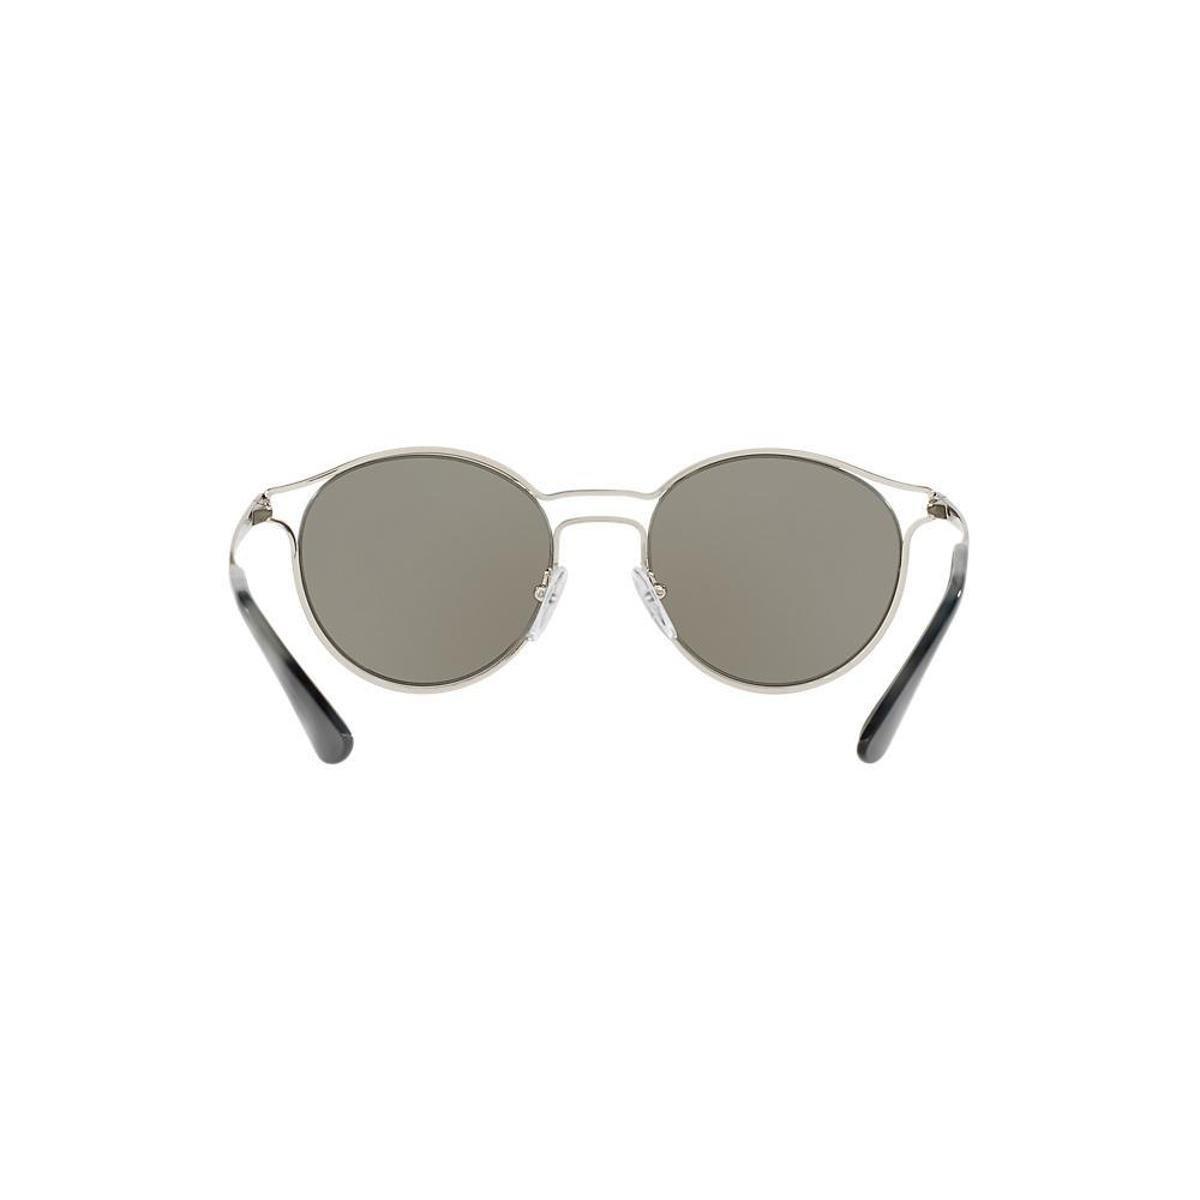 108e12406090c ... Óculos de Sol Prada Redondo PR 62SS Cinema Feminino - Prata - Compre .